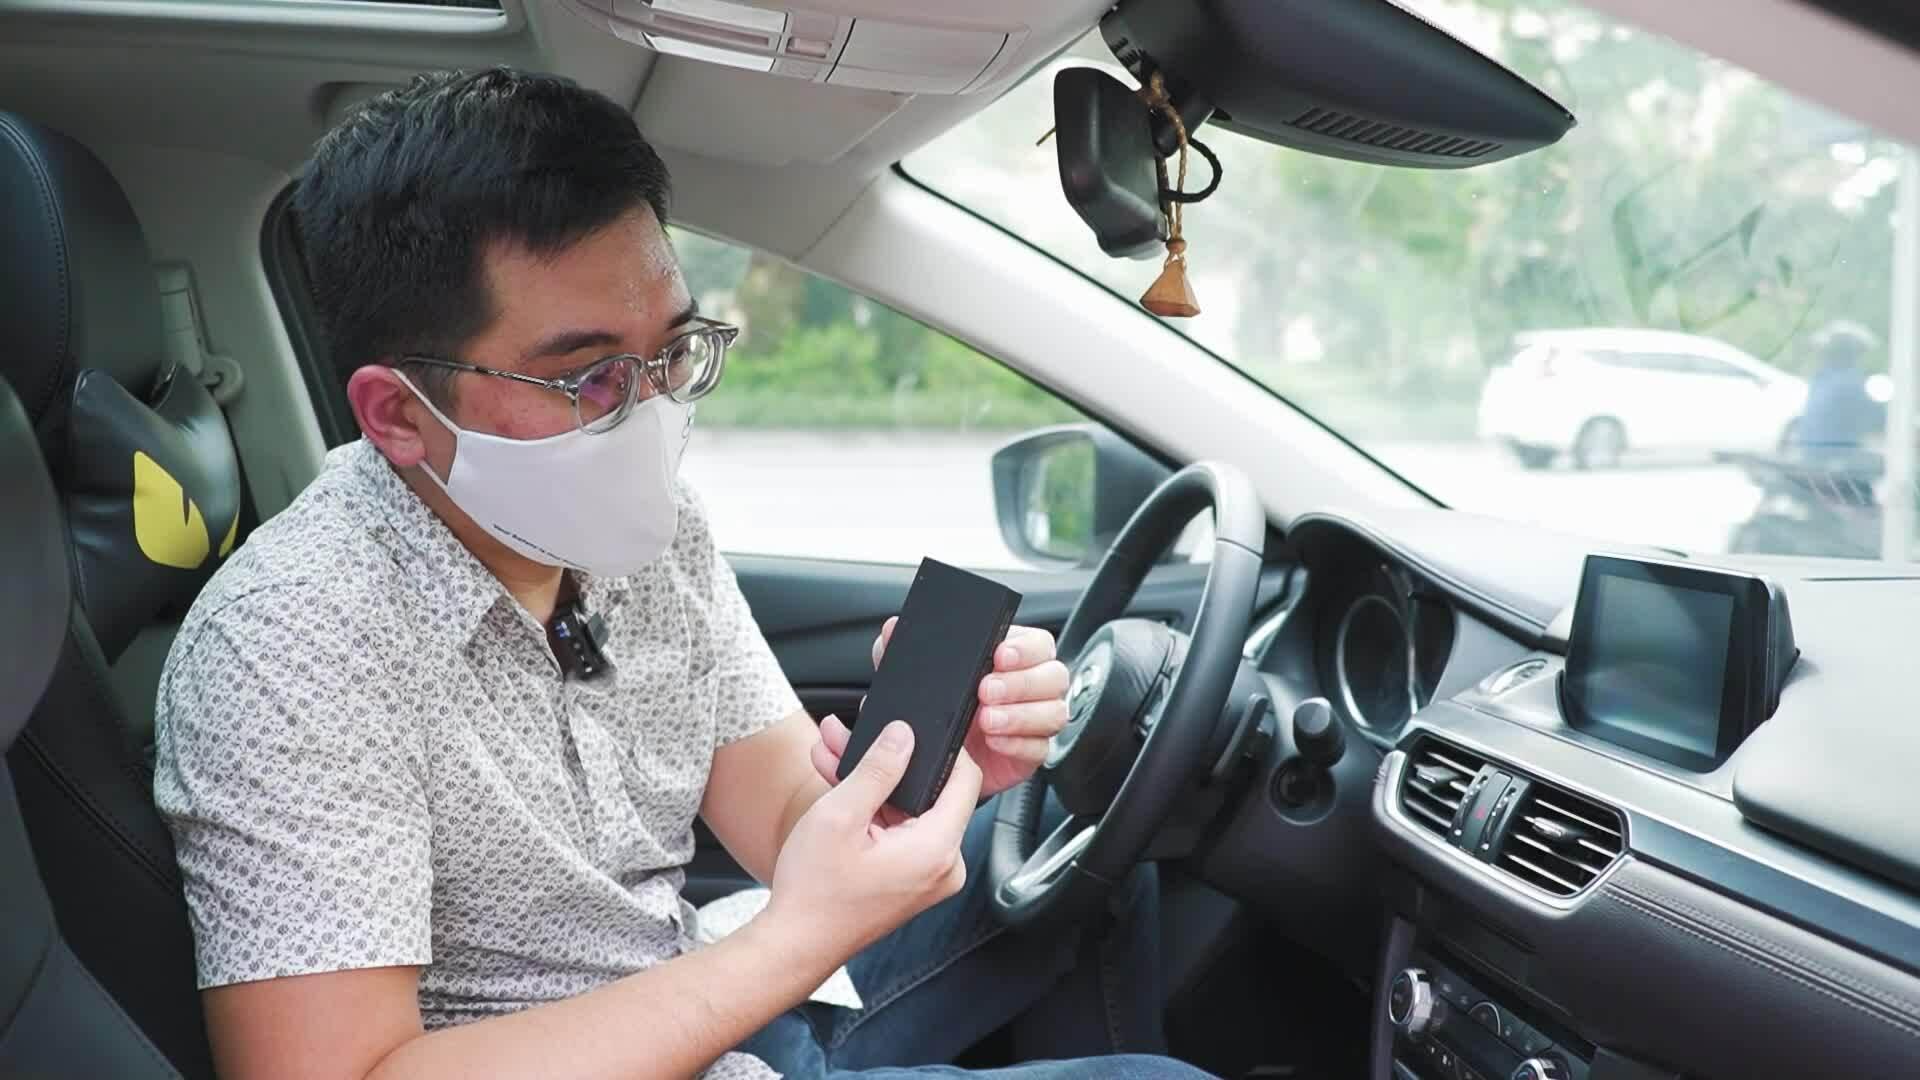 Những vật dụng có thể gặp nguy hại khi để trong xe